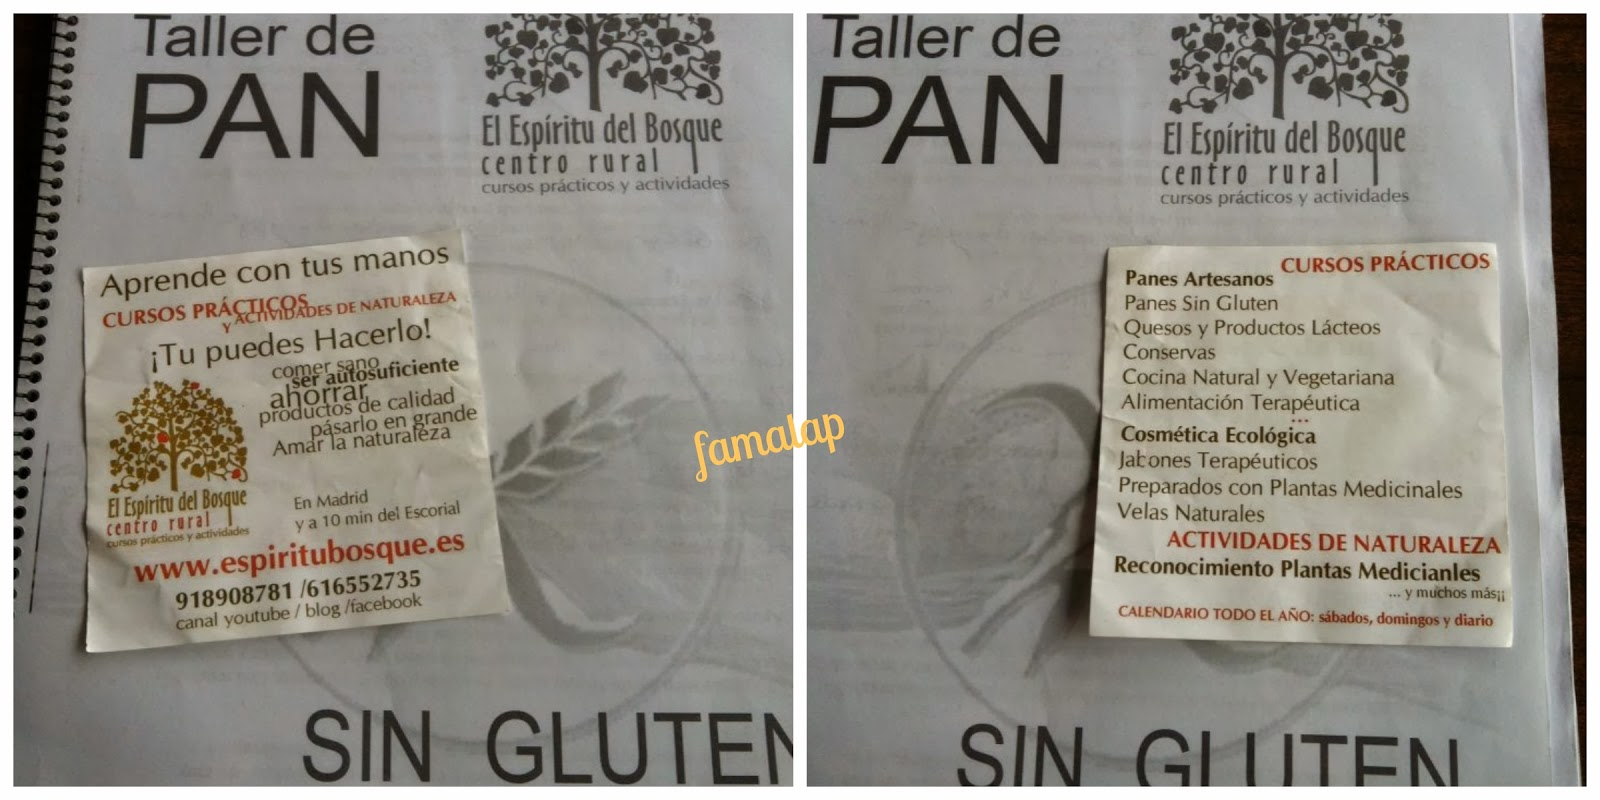 Cocina f cil sin gluten talleres de panes y reposter a - Cocina facil sin gluten ...